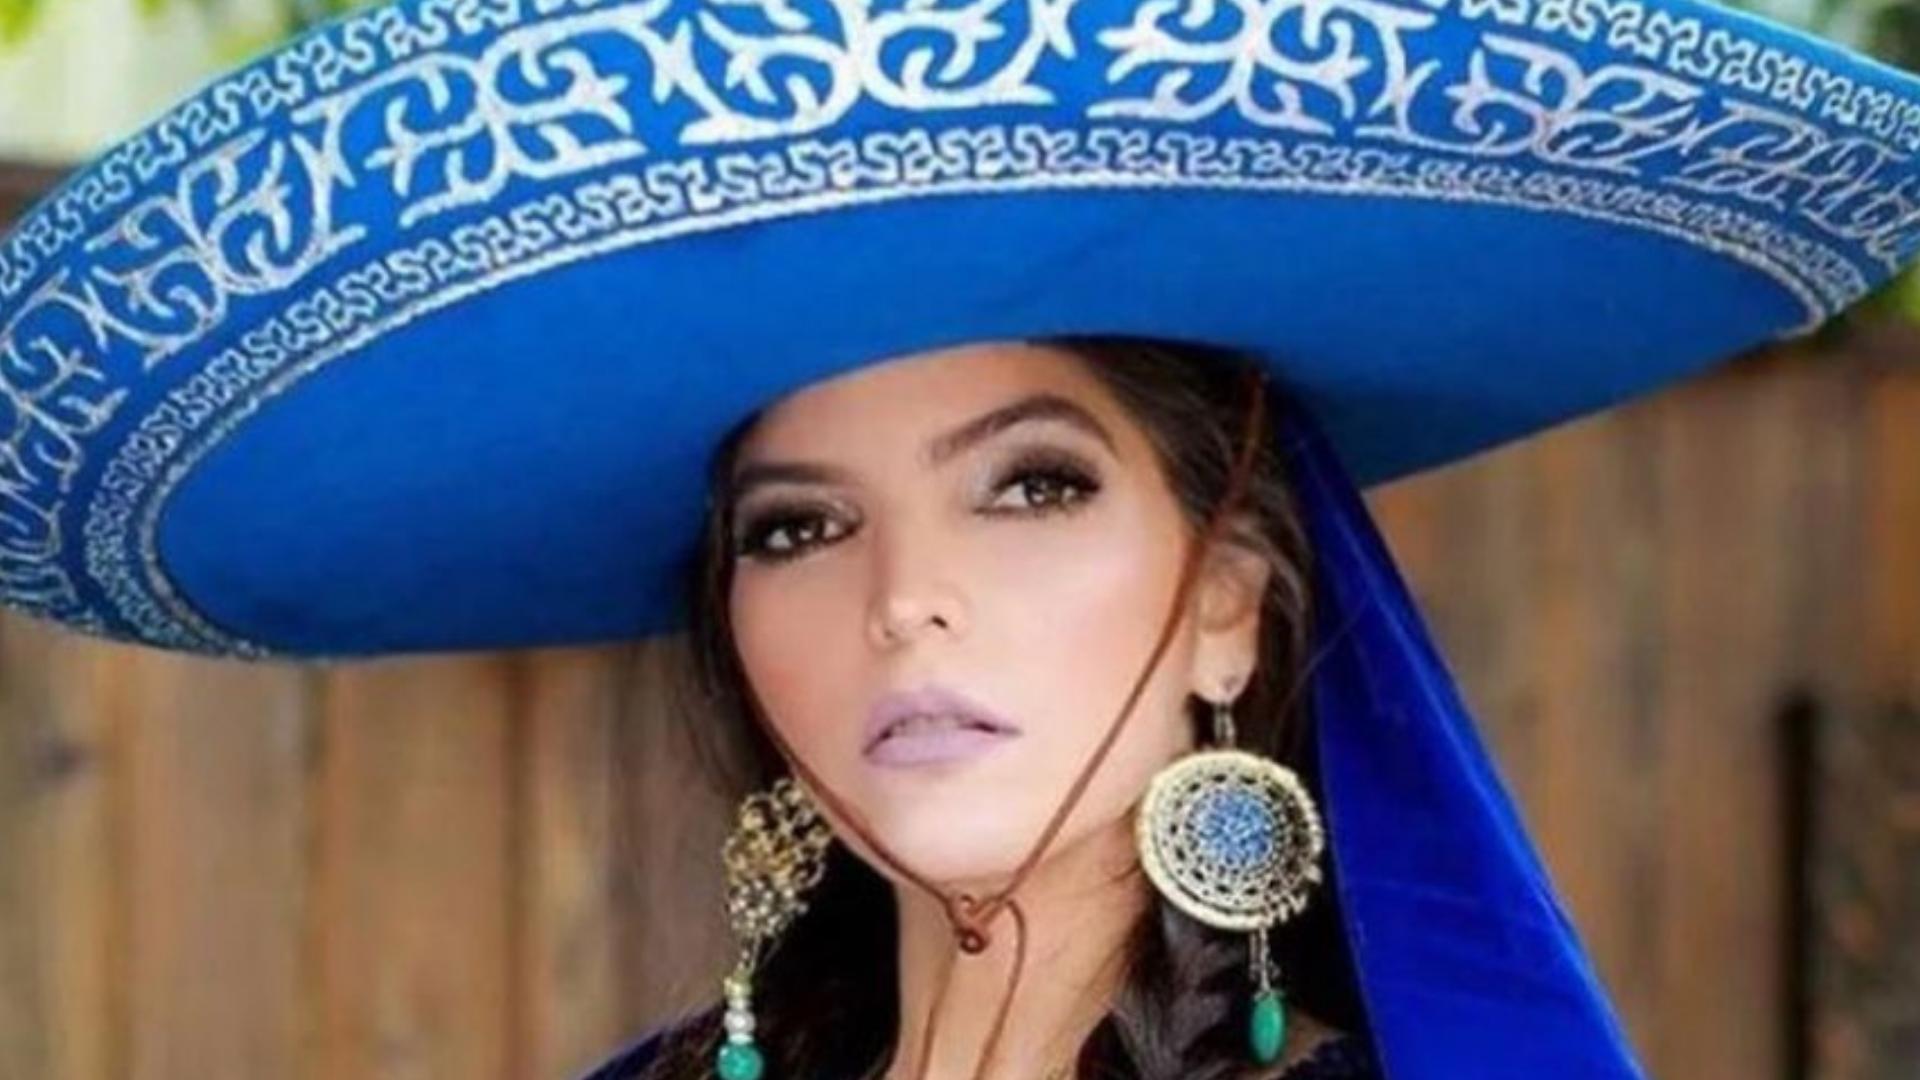 Ana Bárbara enamora con su hermoso vestido transparente